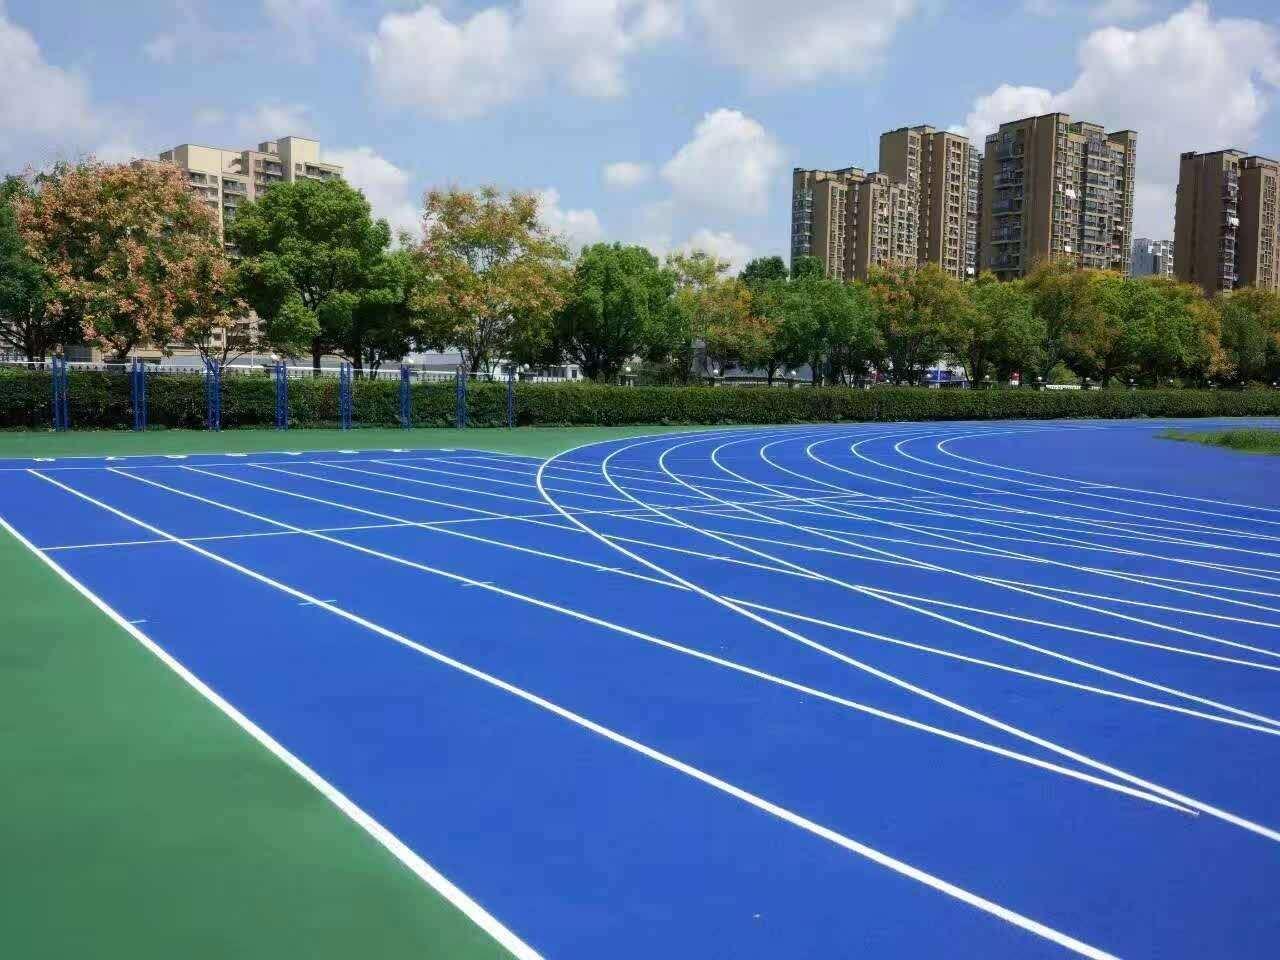 成都水性抗油污地坪|科美斯新材料优良塑胶跑道地坪供应商